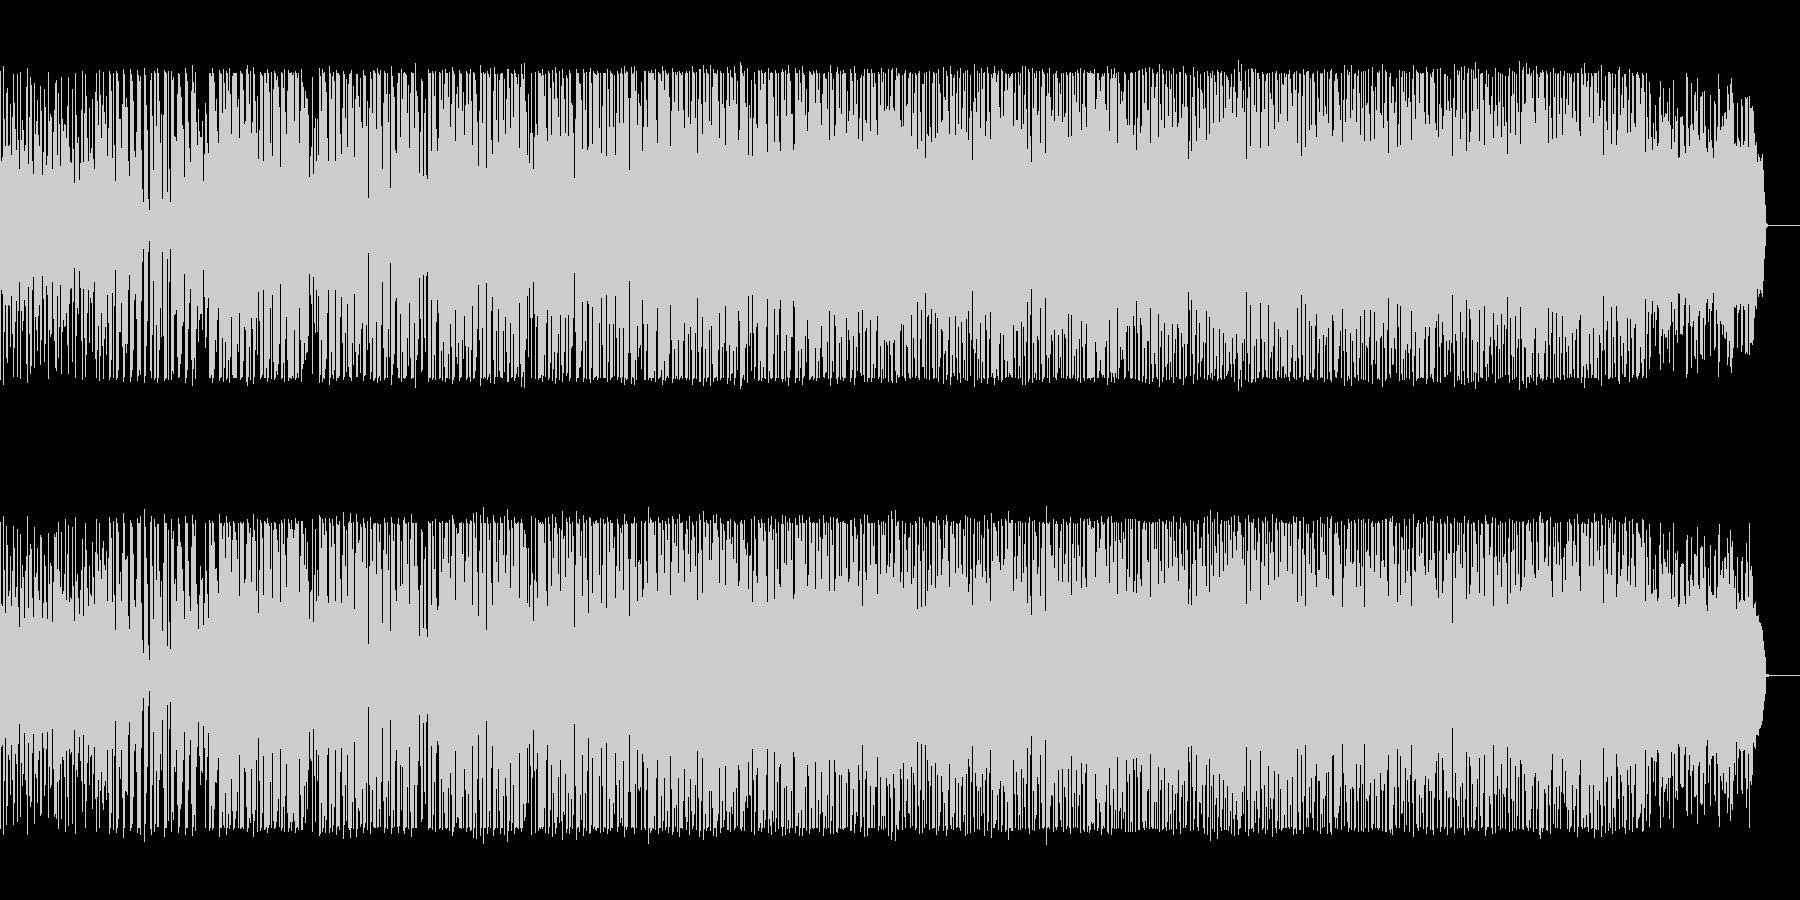 奇妙な空間のテクスチャIDMの未再生の波形